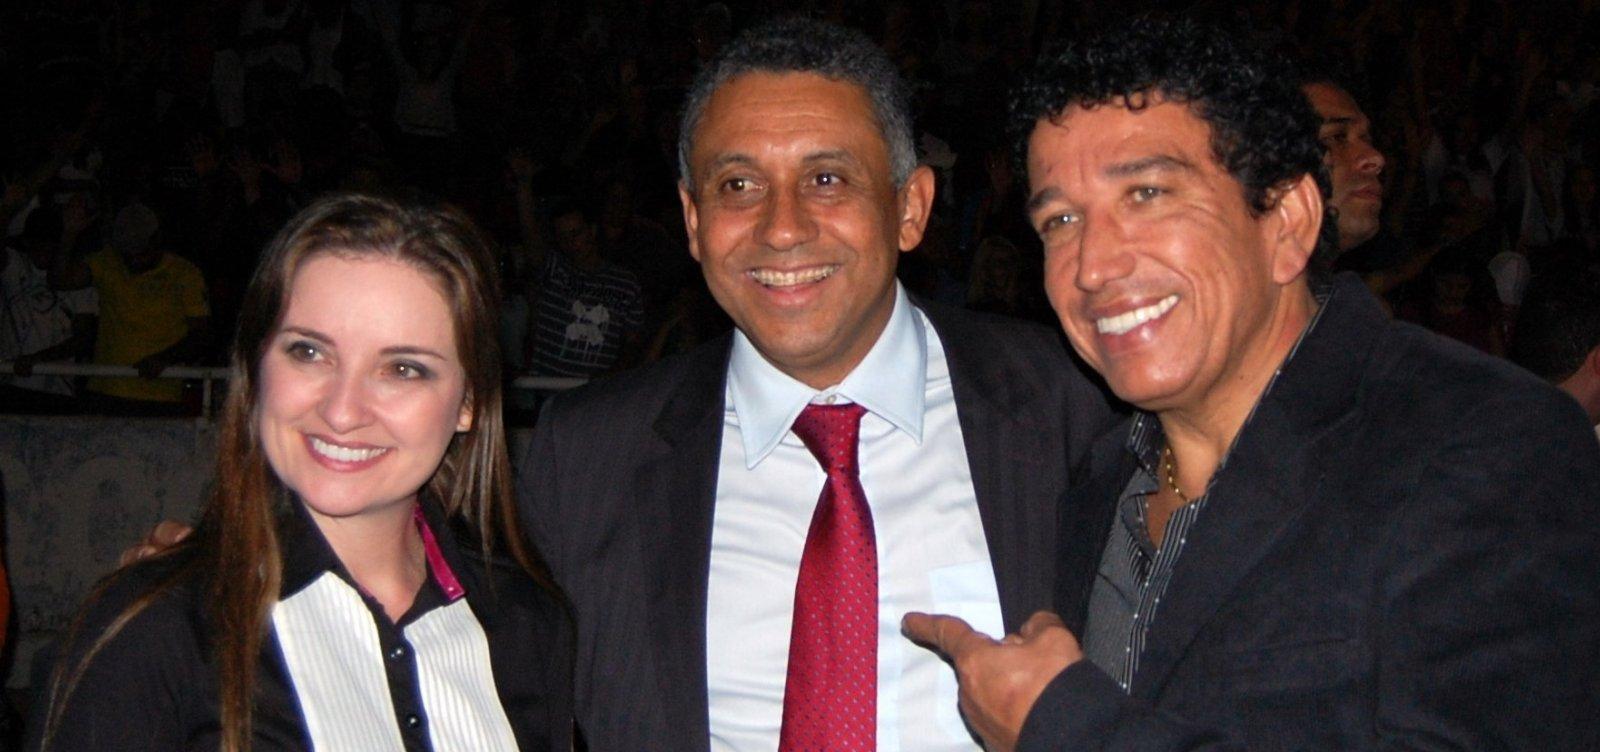 [Magno Malta impõe esposa ao Senado para aceitar parceria com Bolsonaro]